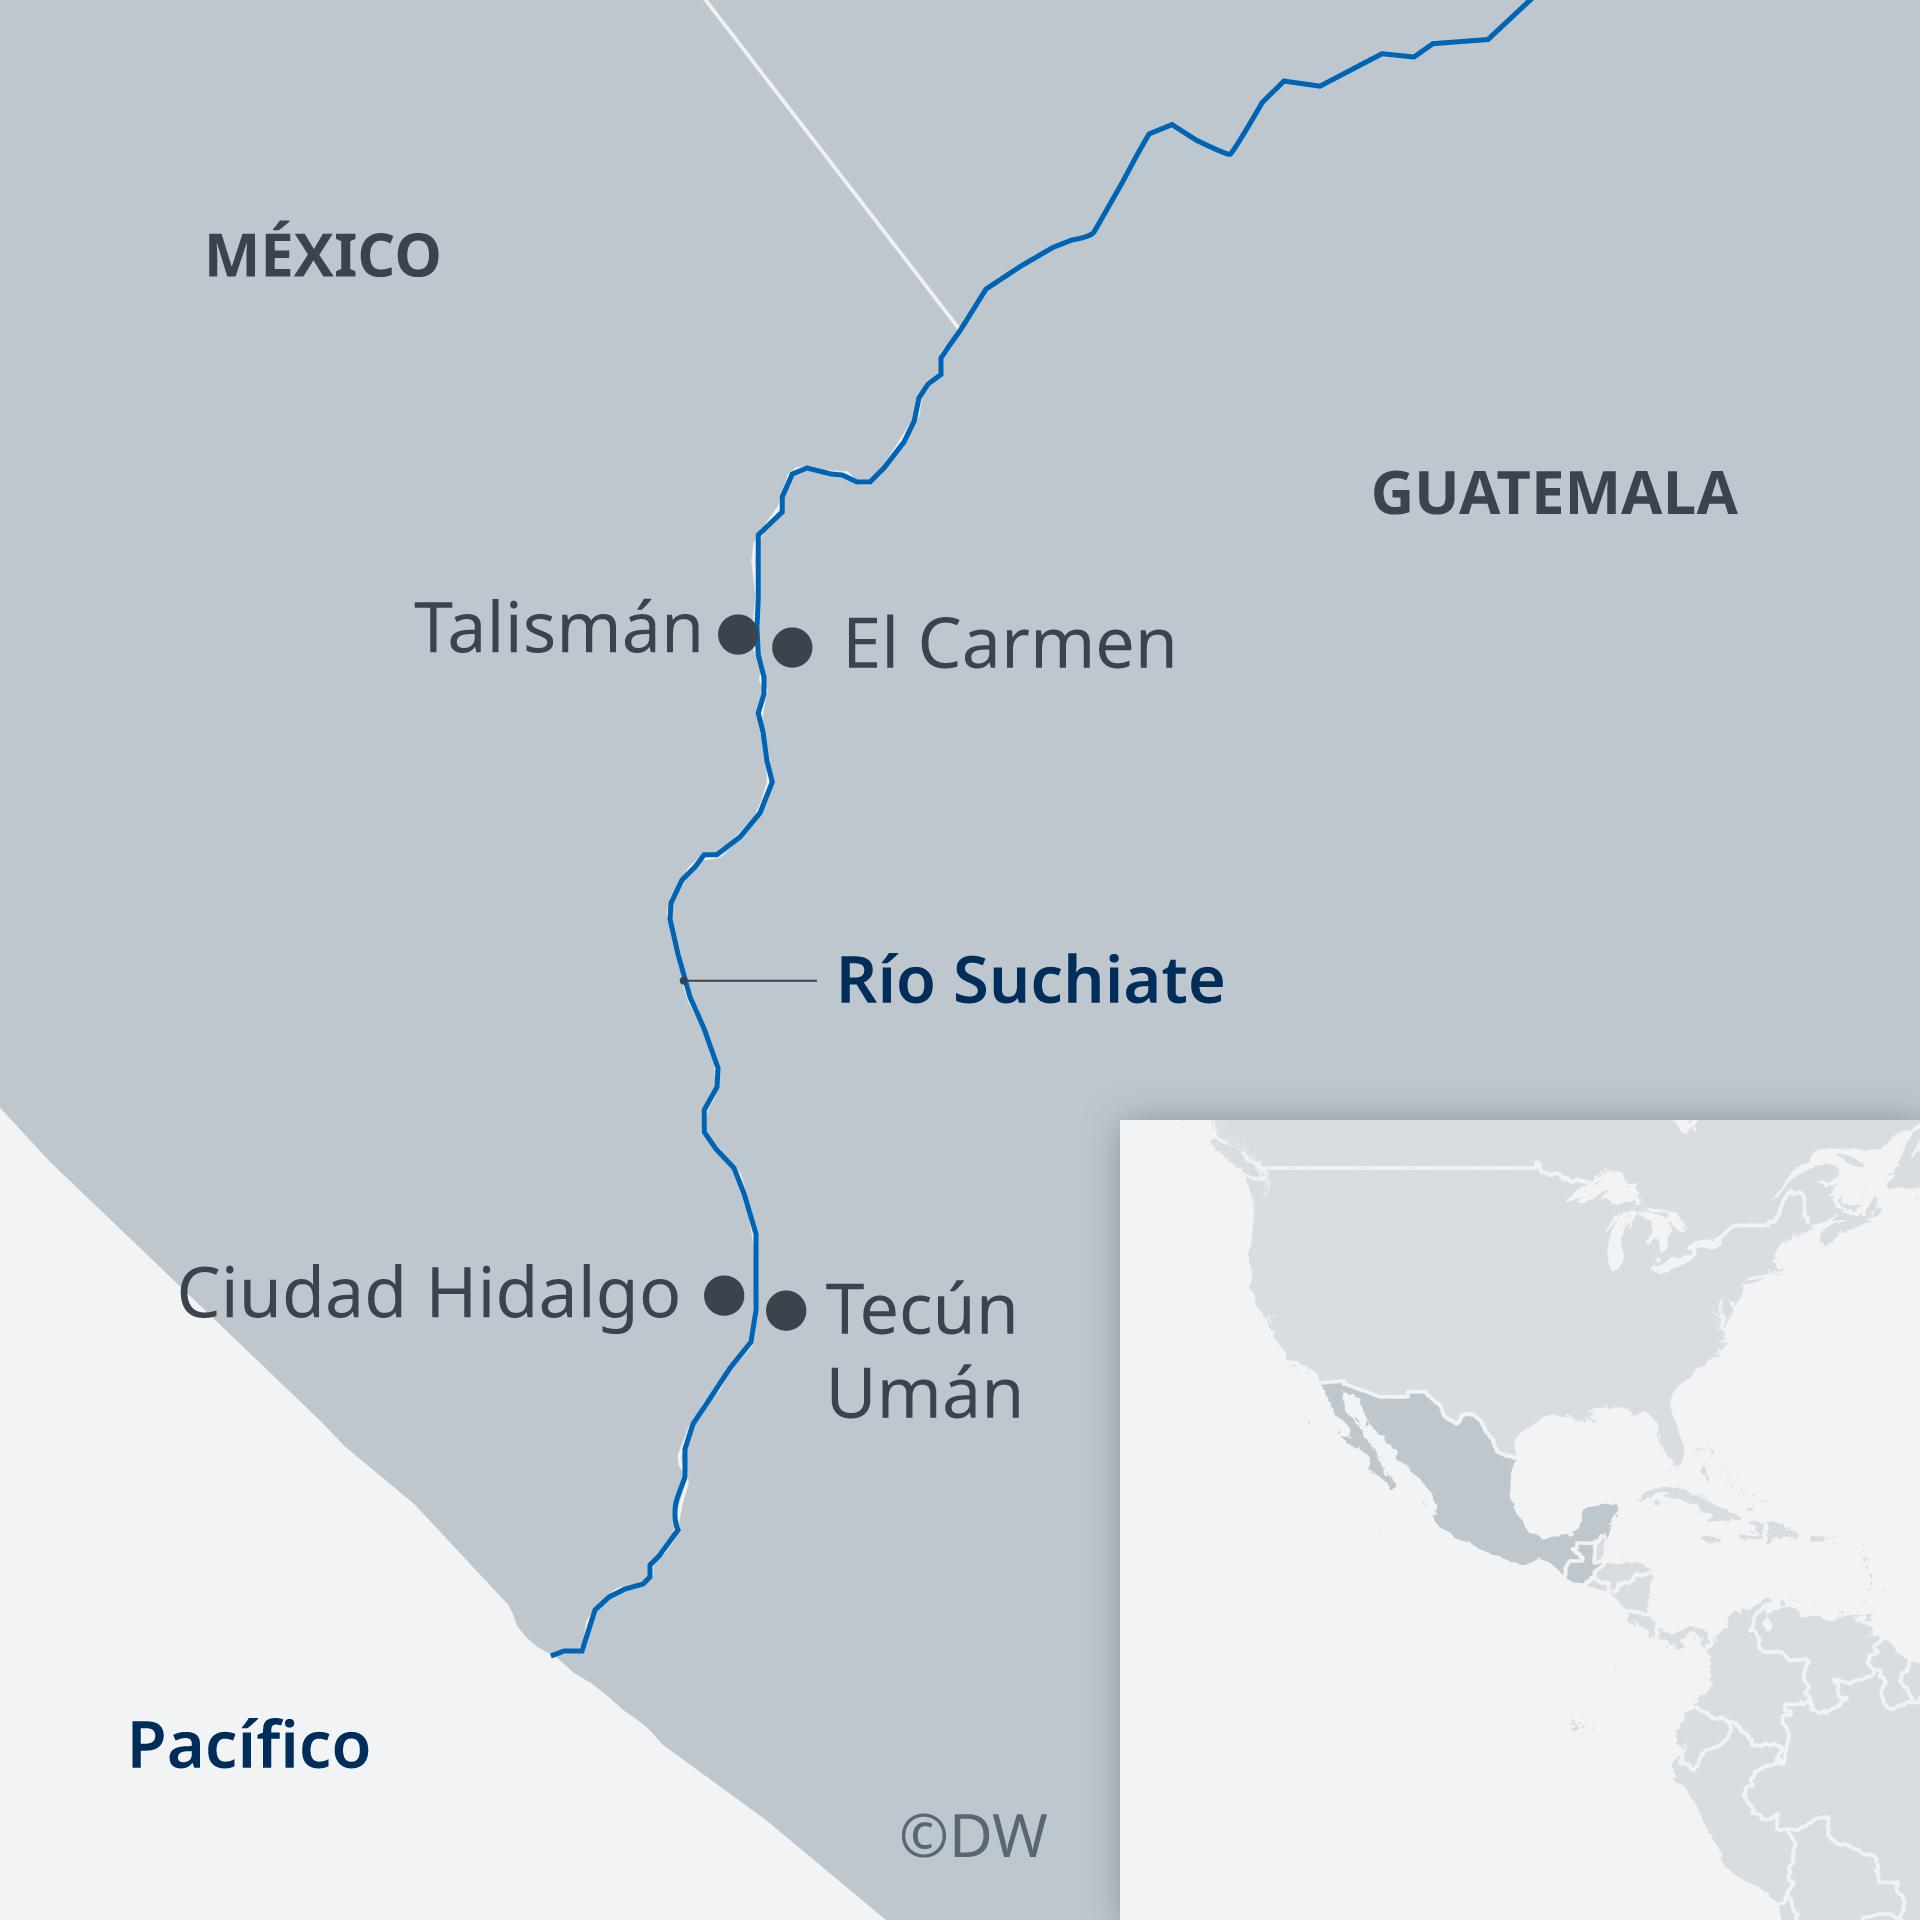 Los puestos fronterizos utilizados por las caravanas de migrantes centroamericanos.